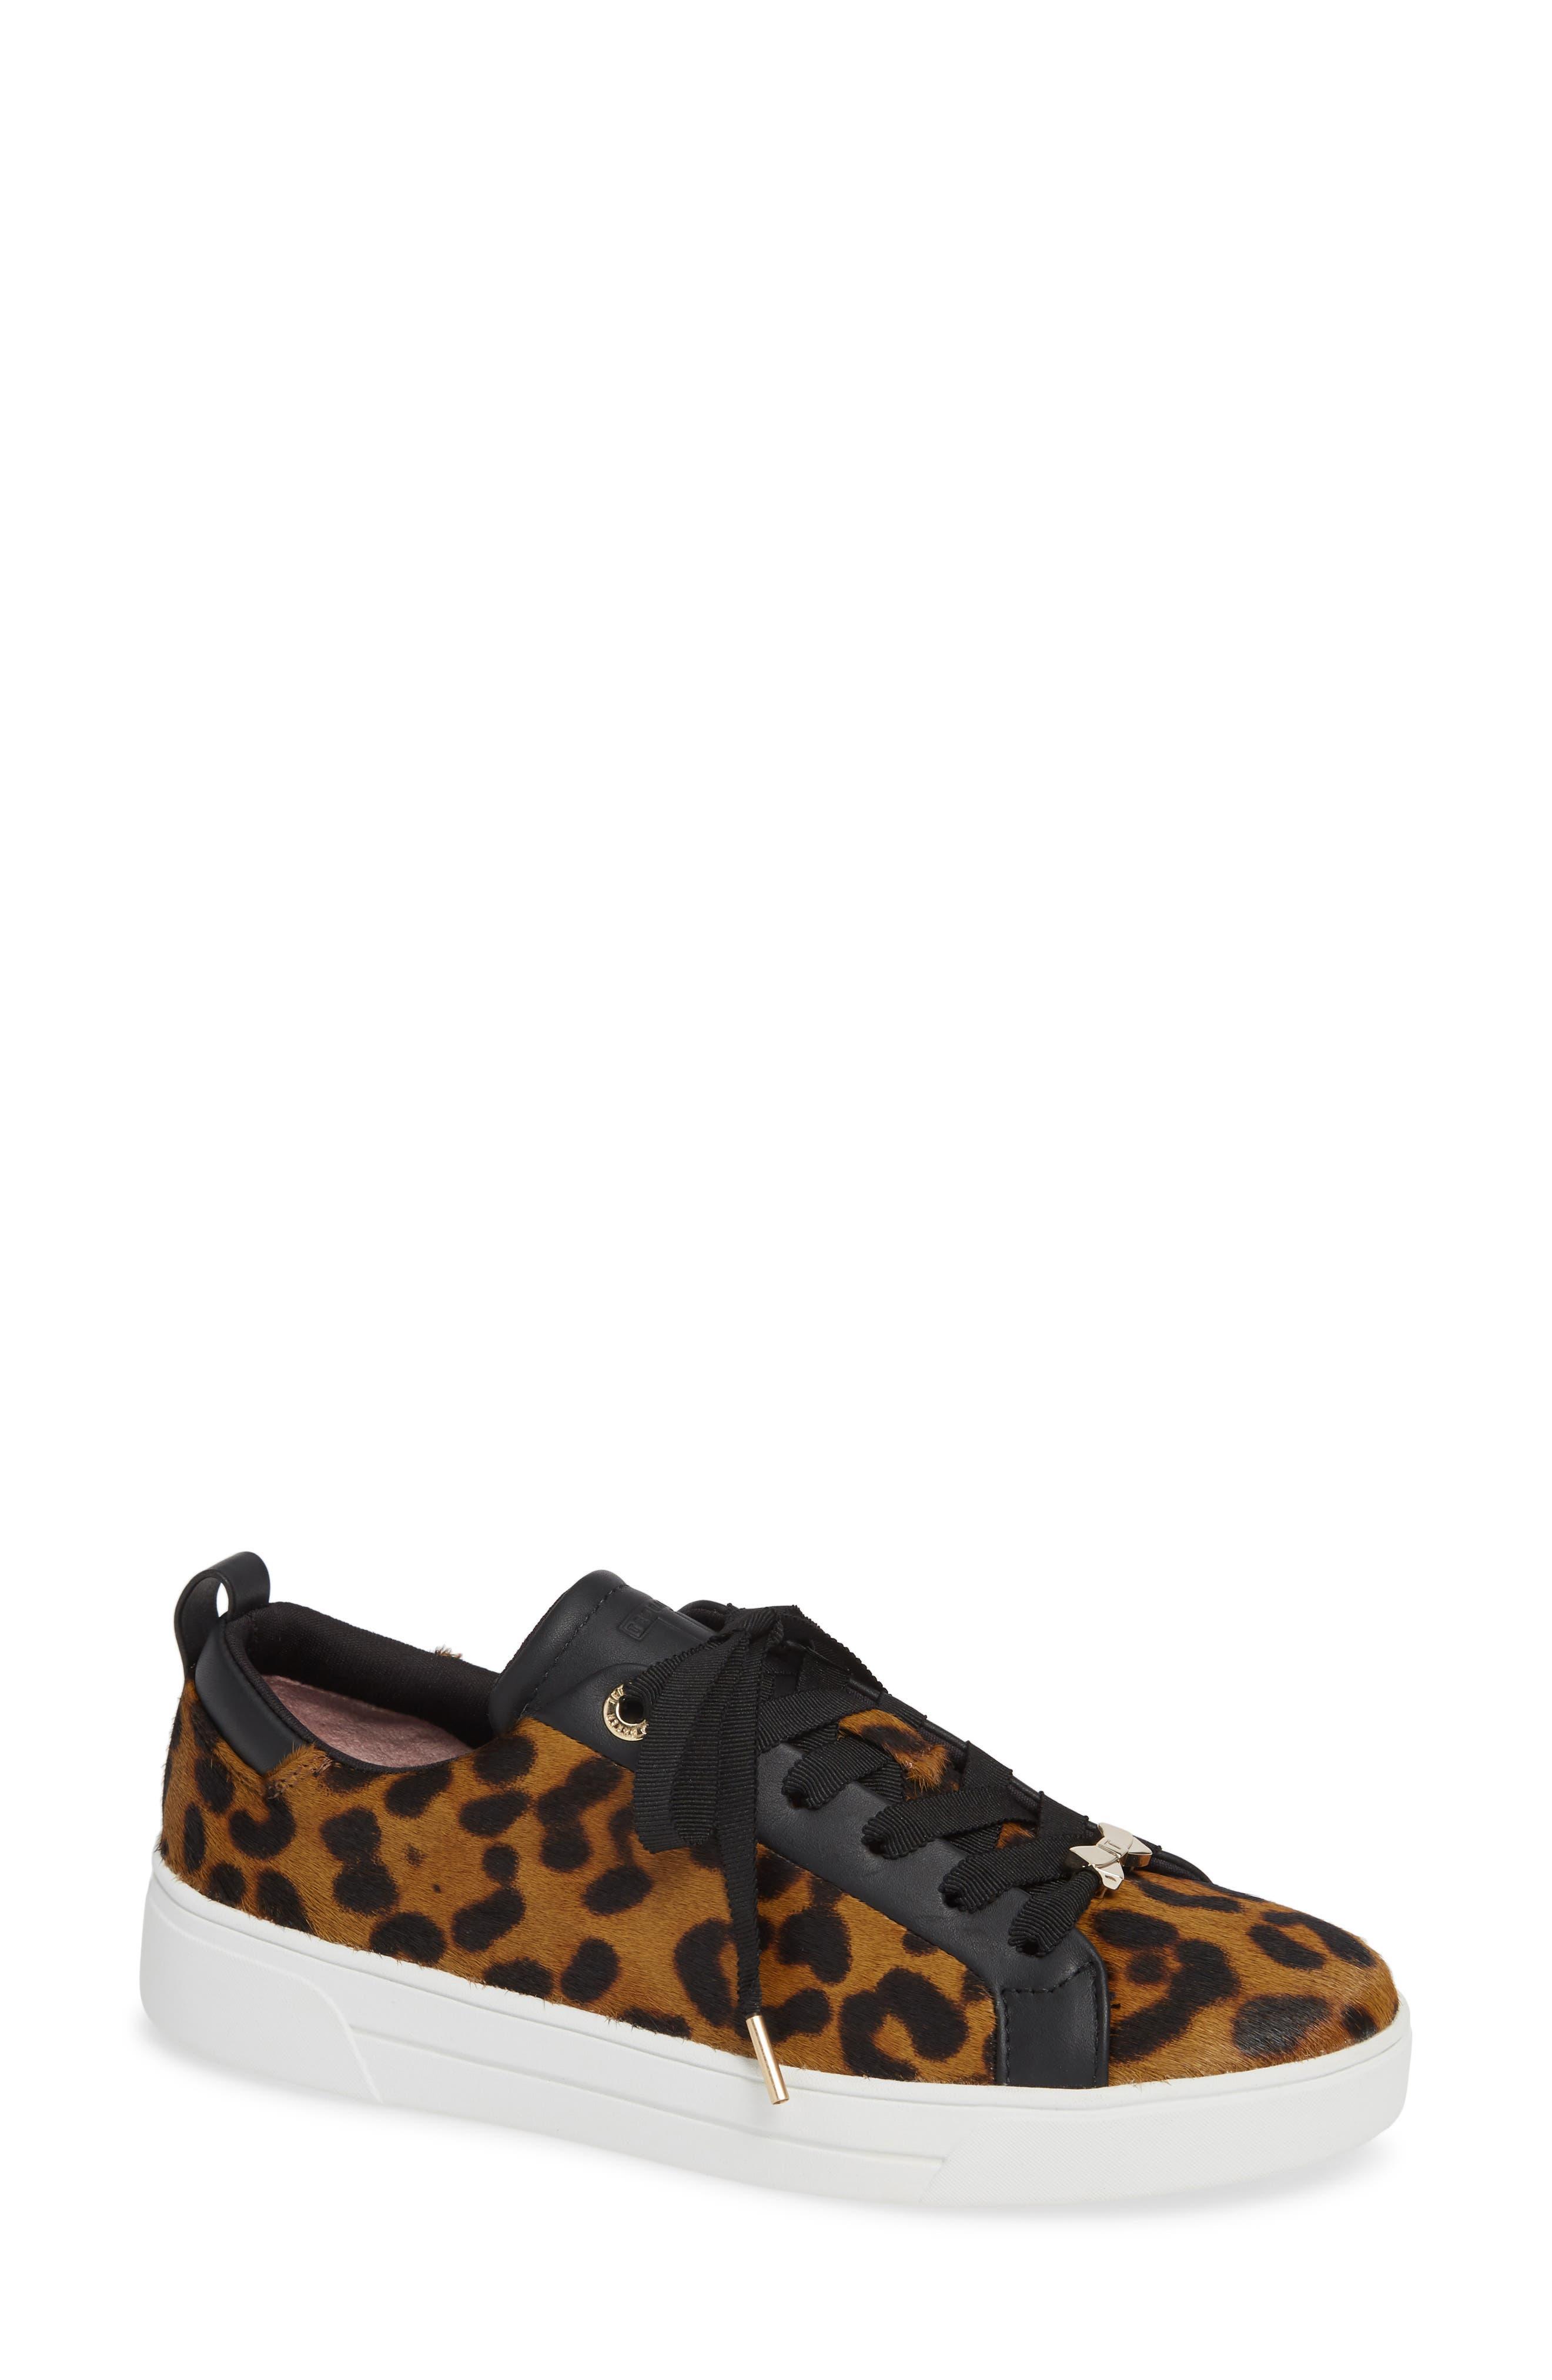 Ted Baker London Elzsee Genuine Calf Hair Sneaker, Brown